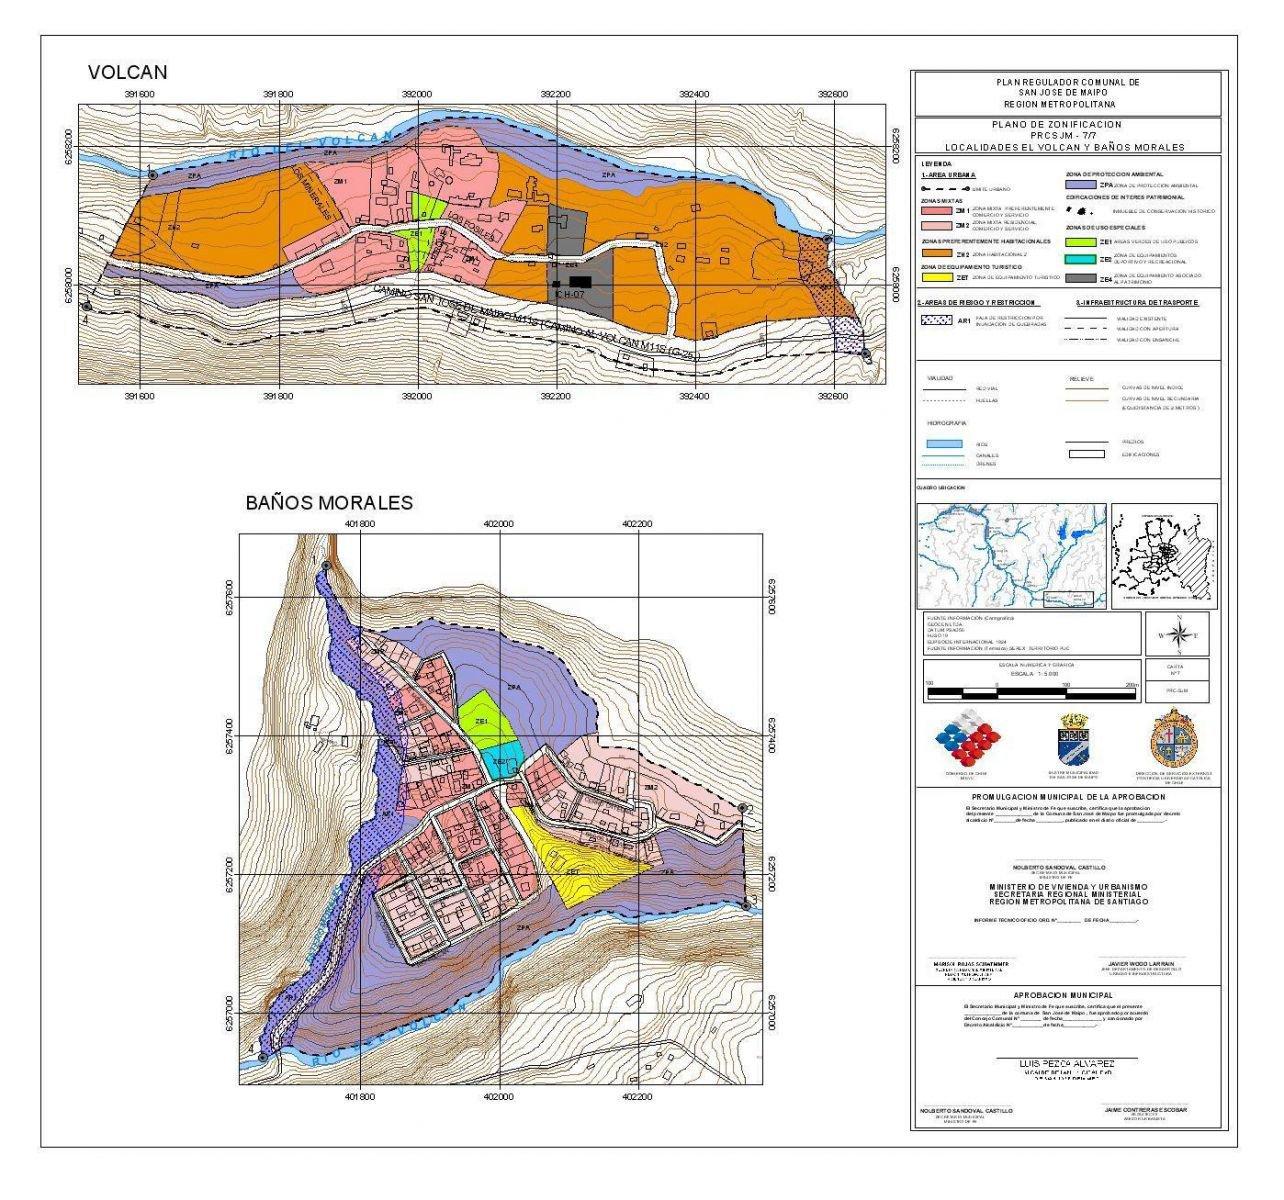 zon_pl7_LPA: Localidades de El Volcán y Baños Morales